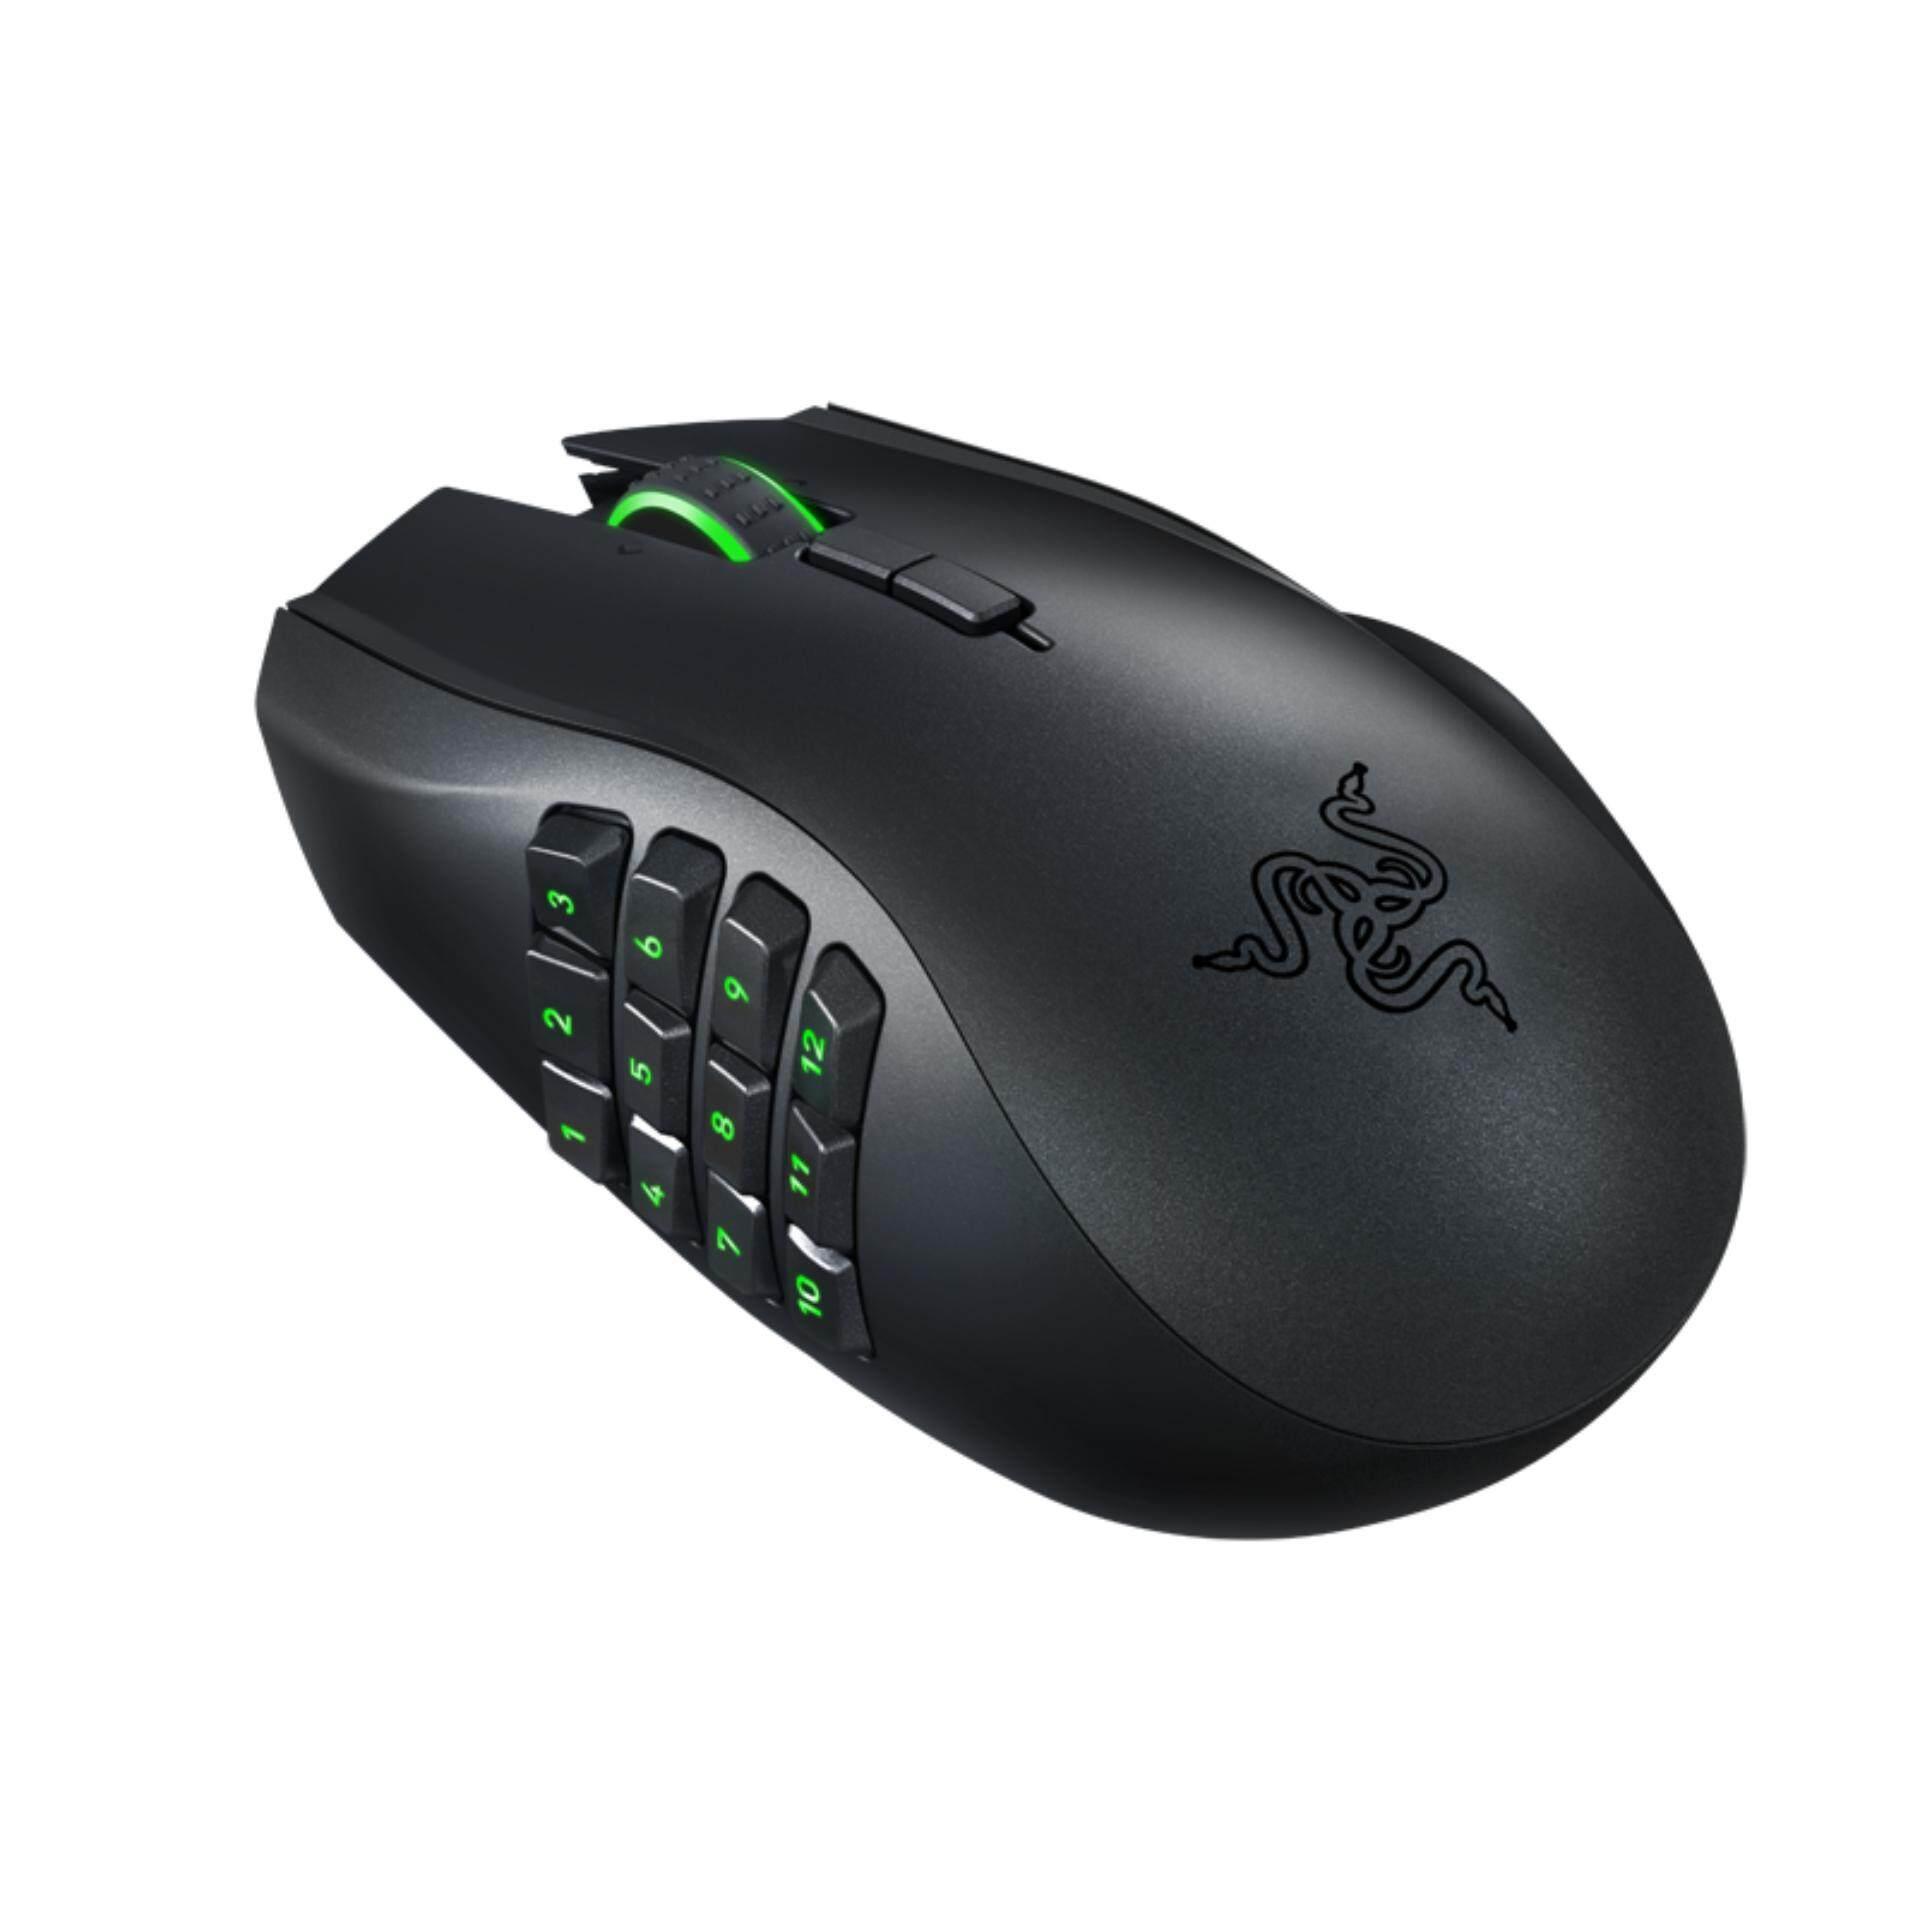 Razer Naga Chroma Gaming Mouse